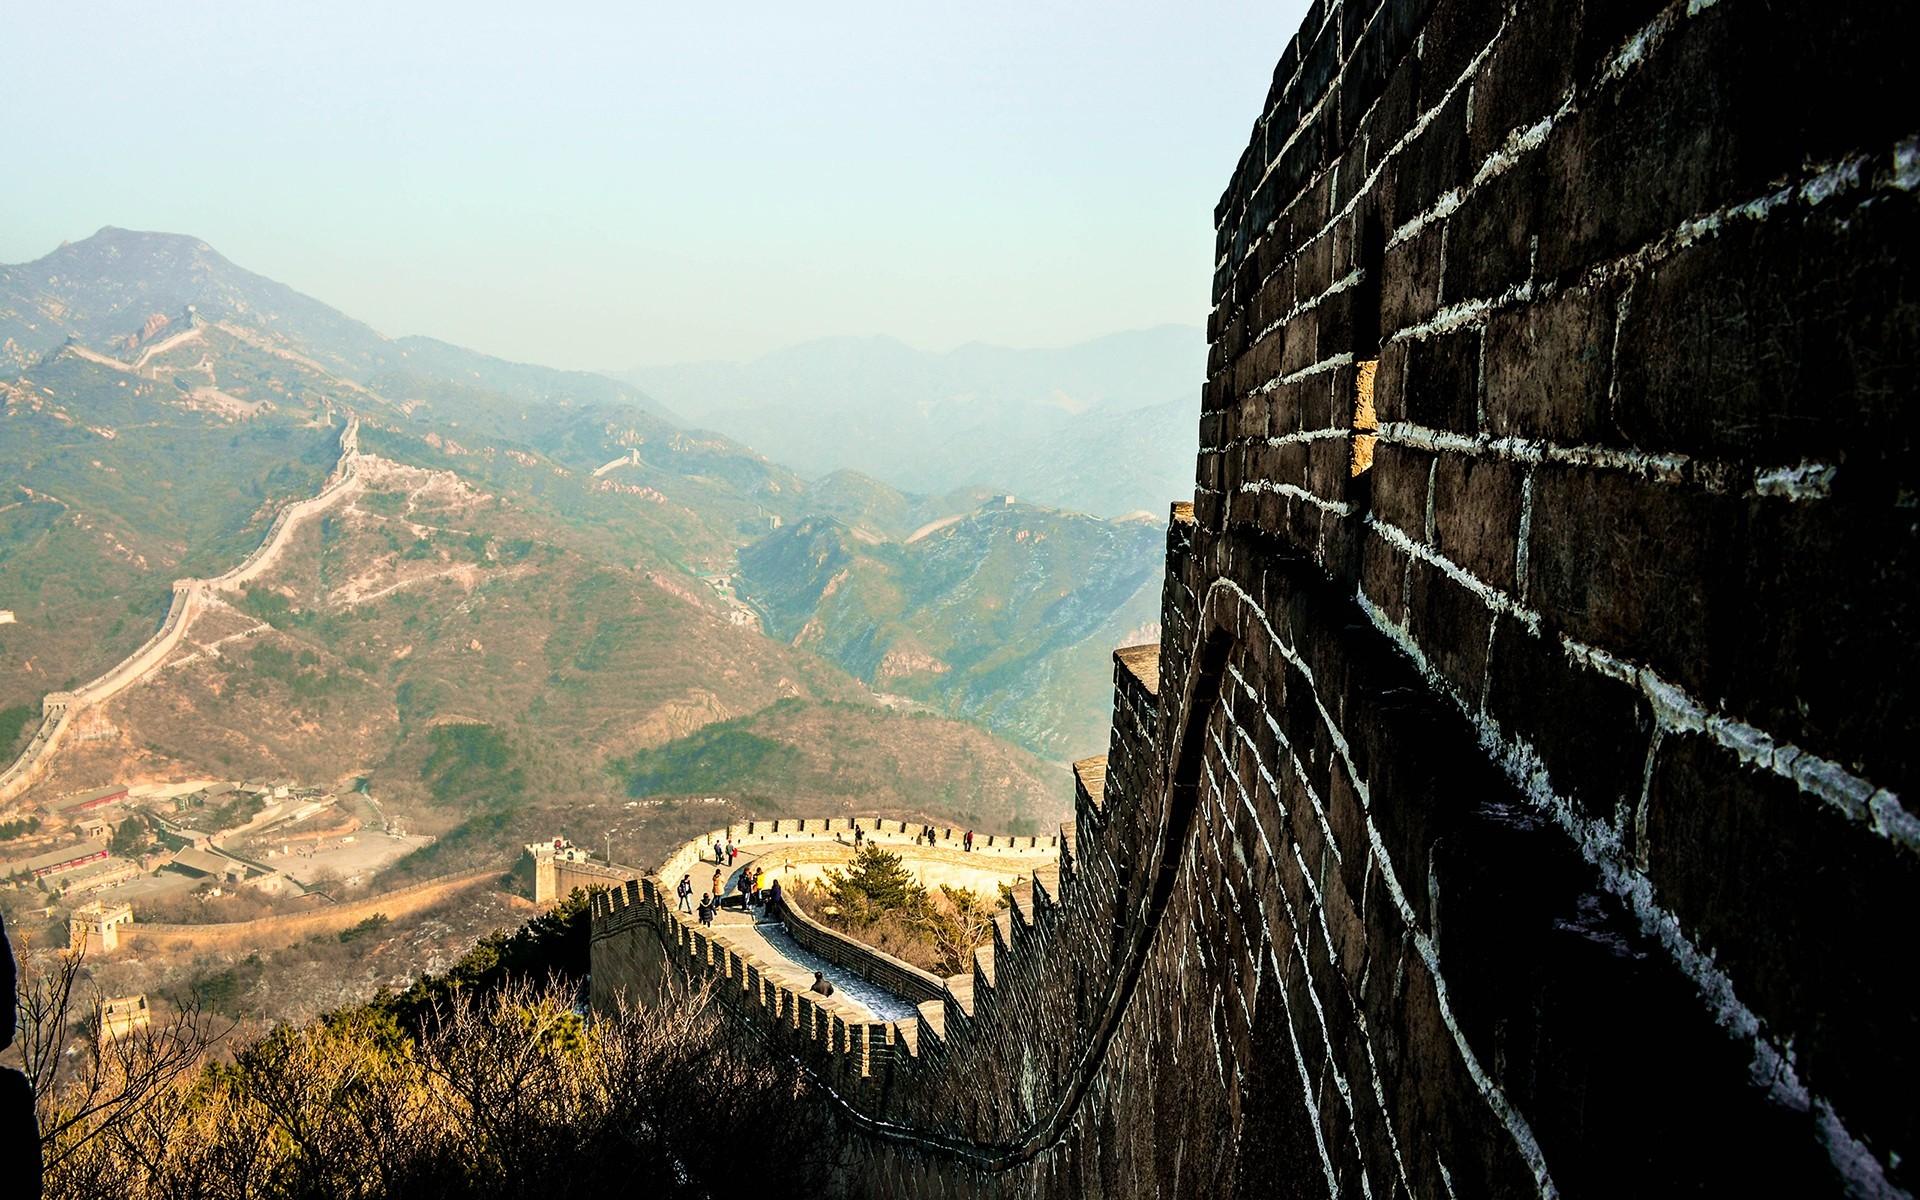 47965 fond d'écran 1080x2340 sur votre téléphone gratuitement, téléchargez des images La Grande Muraille De Chine, Paysage, Montagnes 1080x2340 sur votre mobile